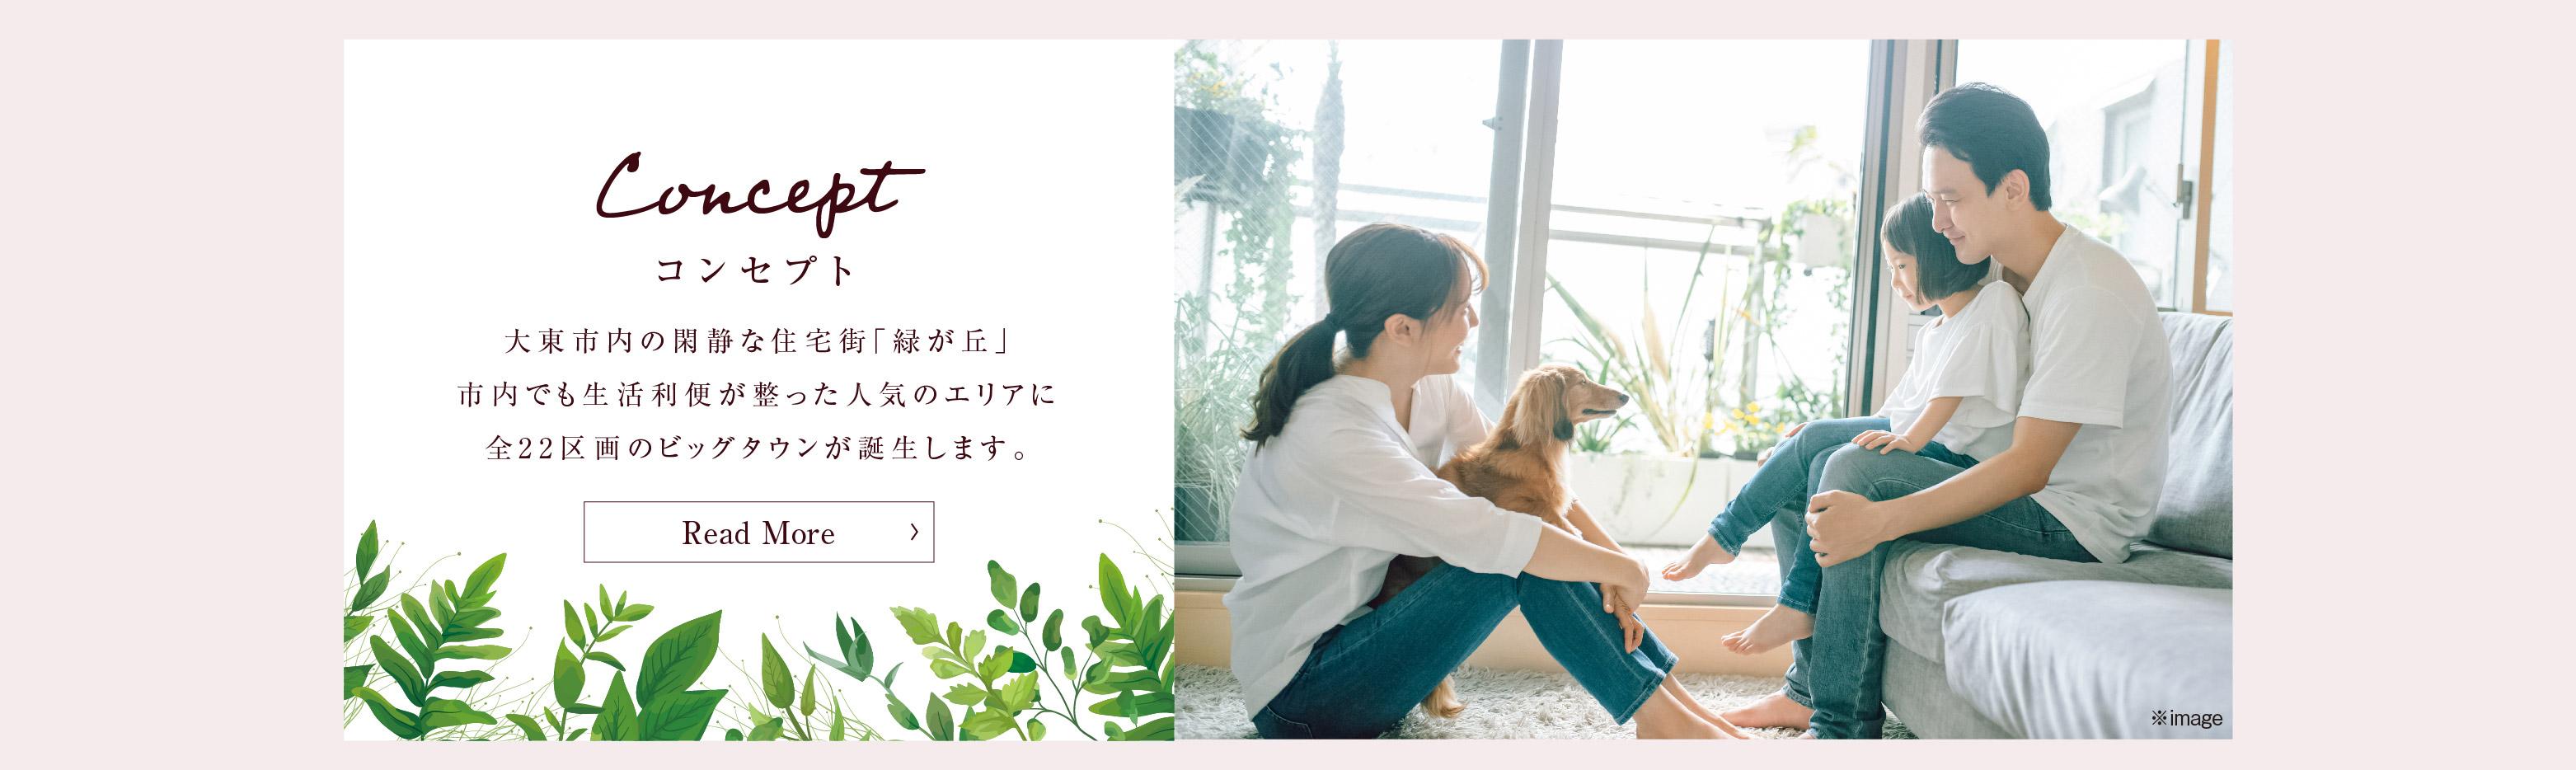 【プレミアムシーズン大東緑が丘Ⅱ】CONCEPT